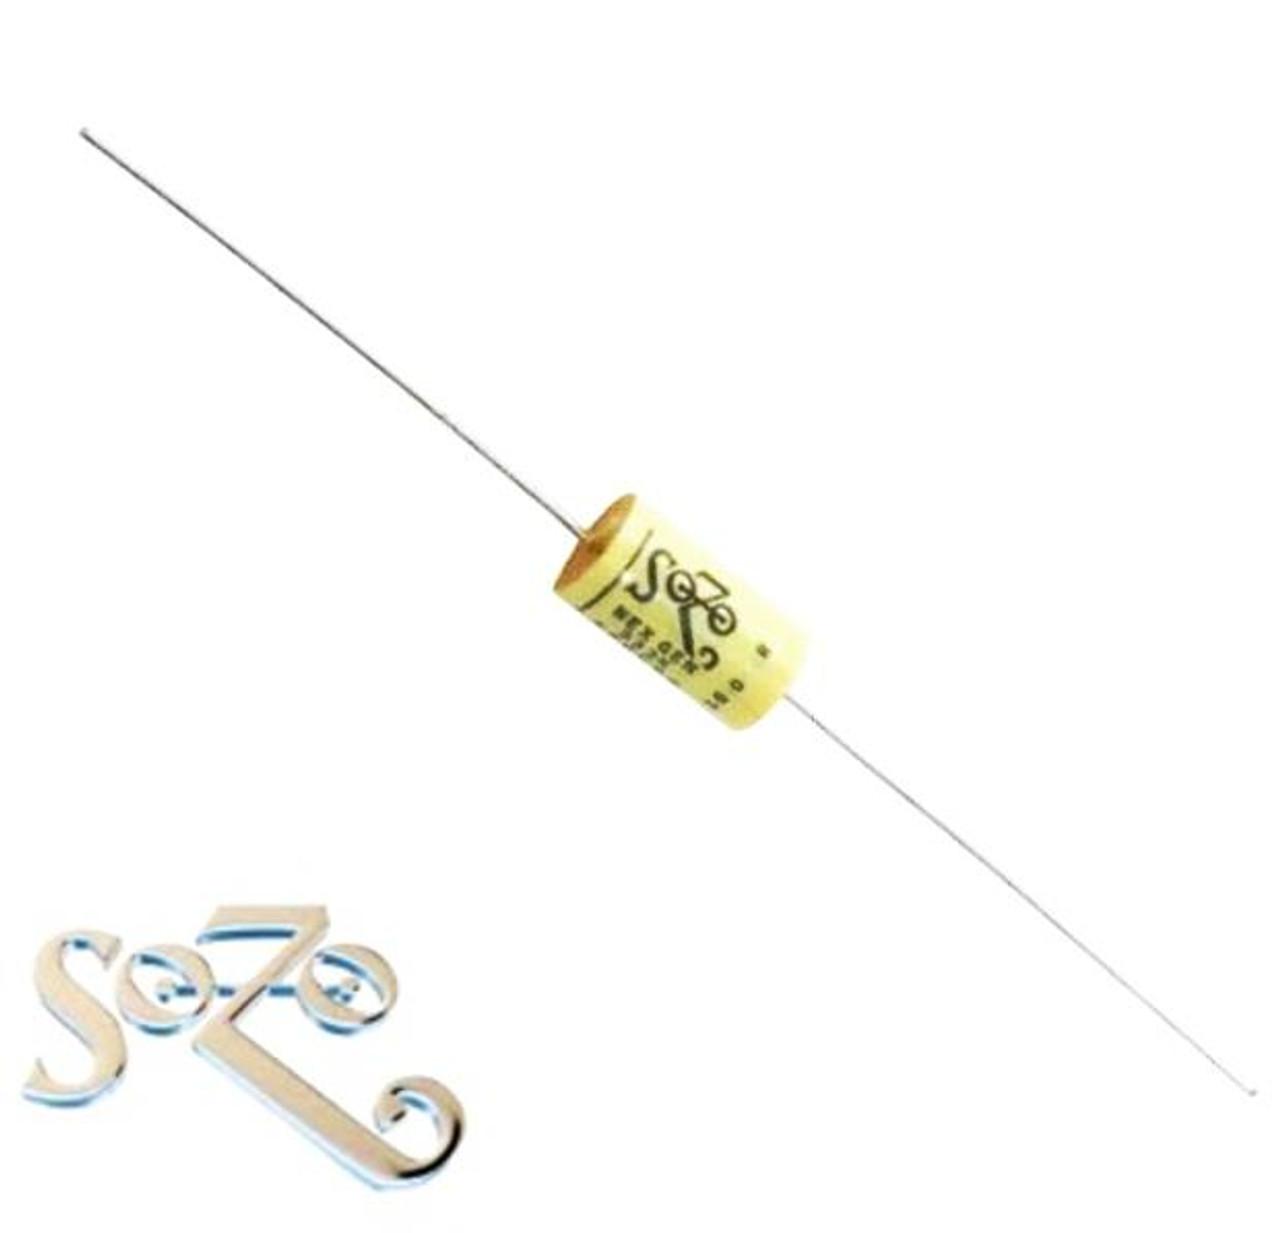 SoZo .033 Microfarad Next Gen Vintage Style Mustard Capacitor